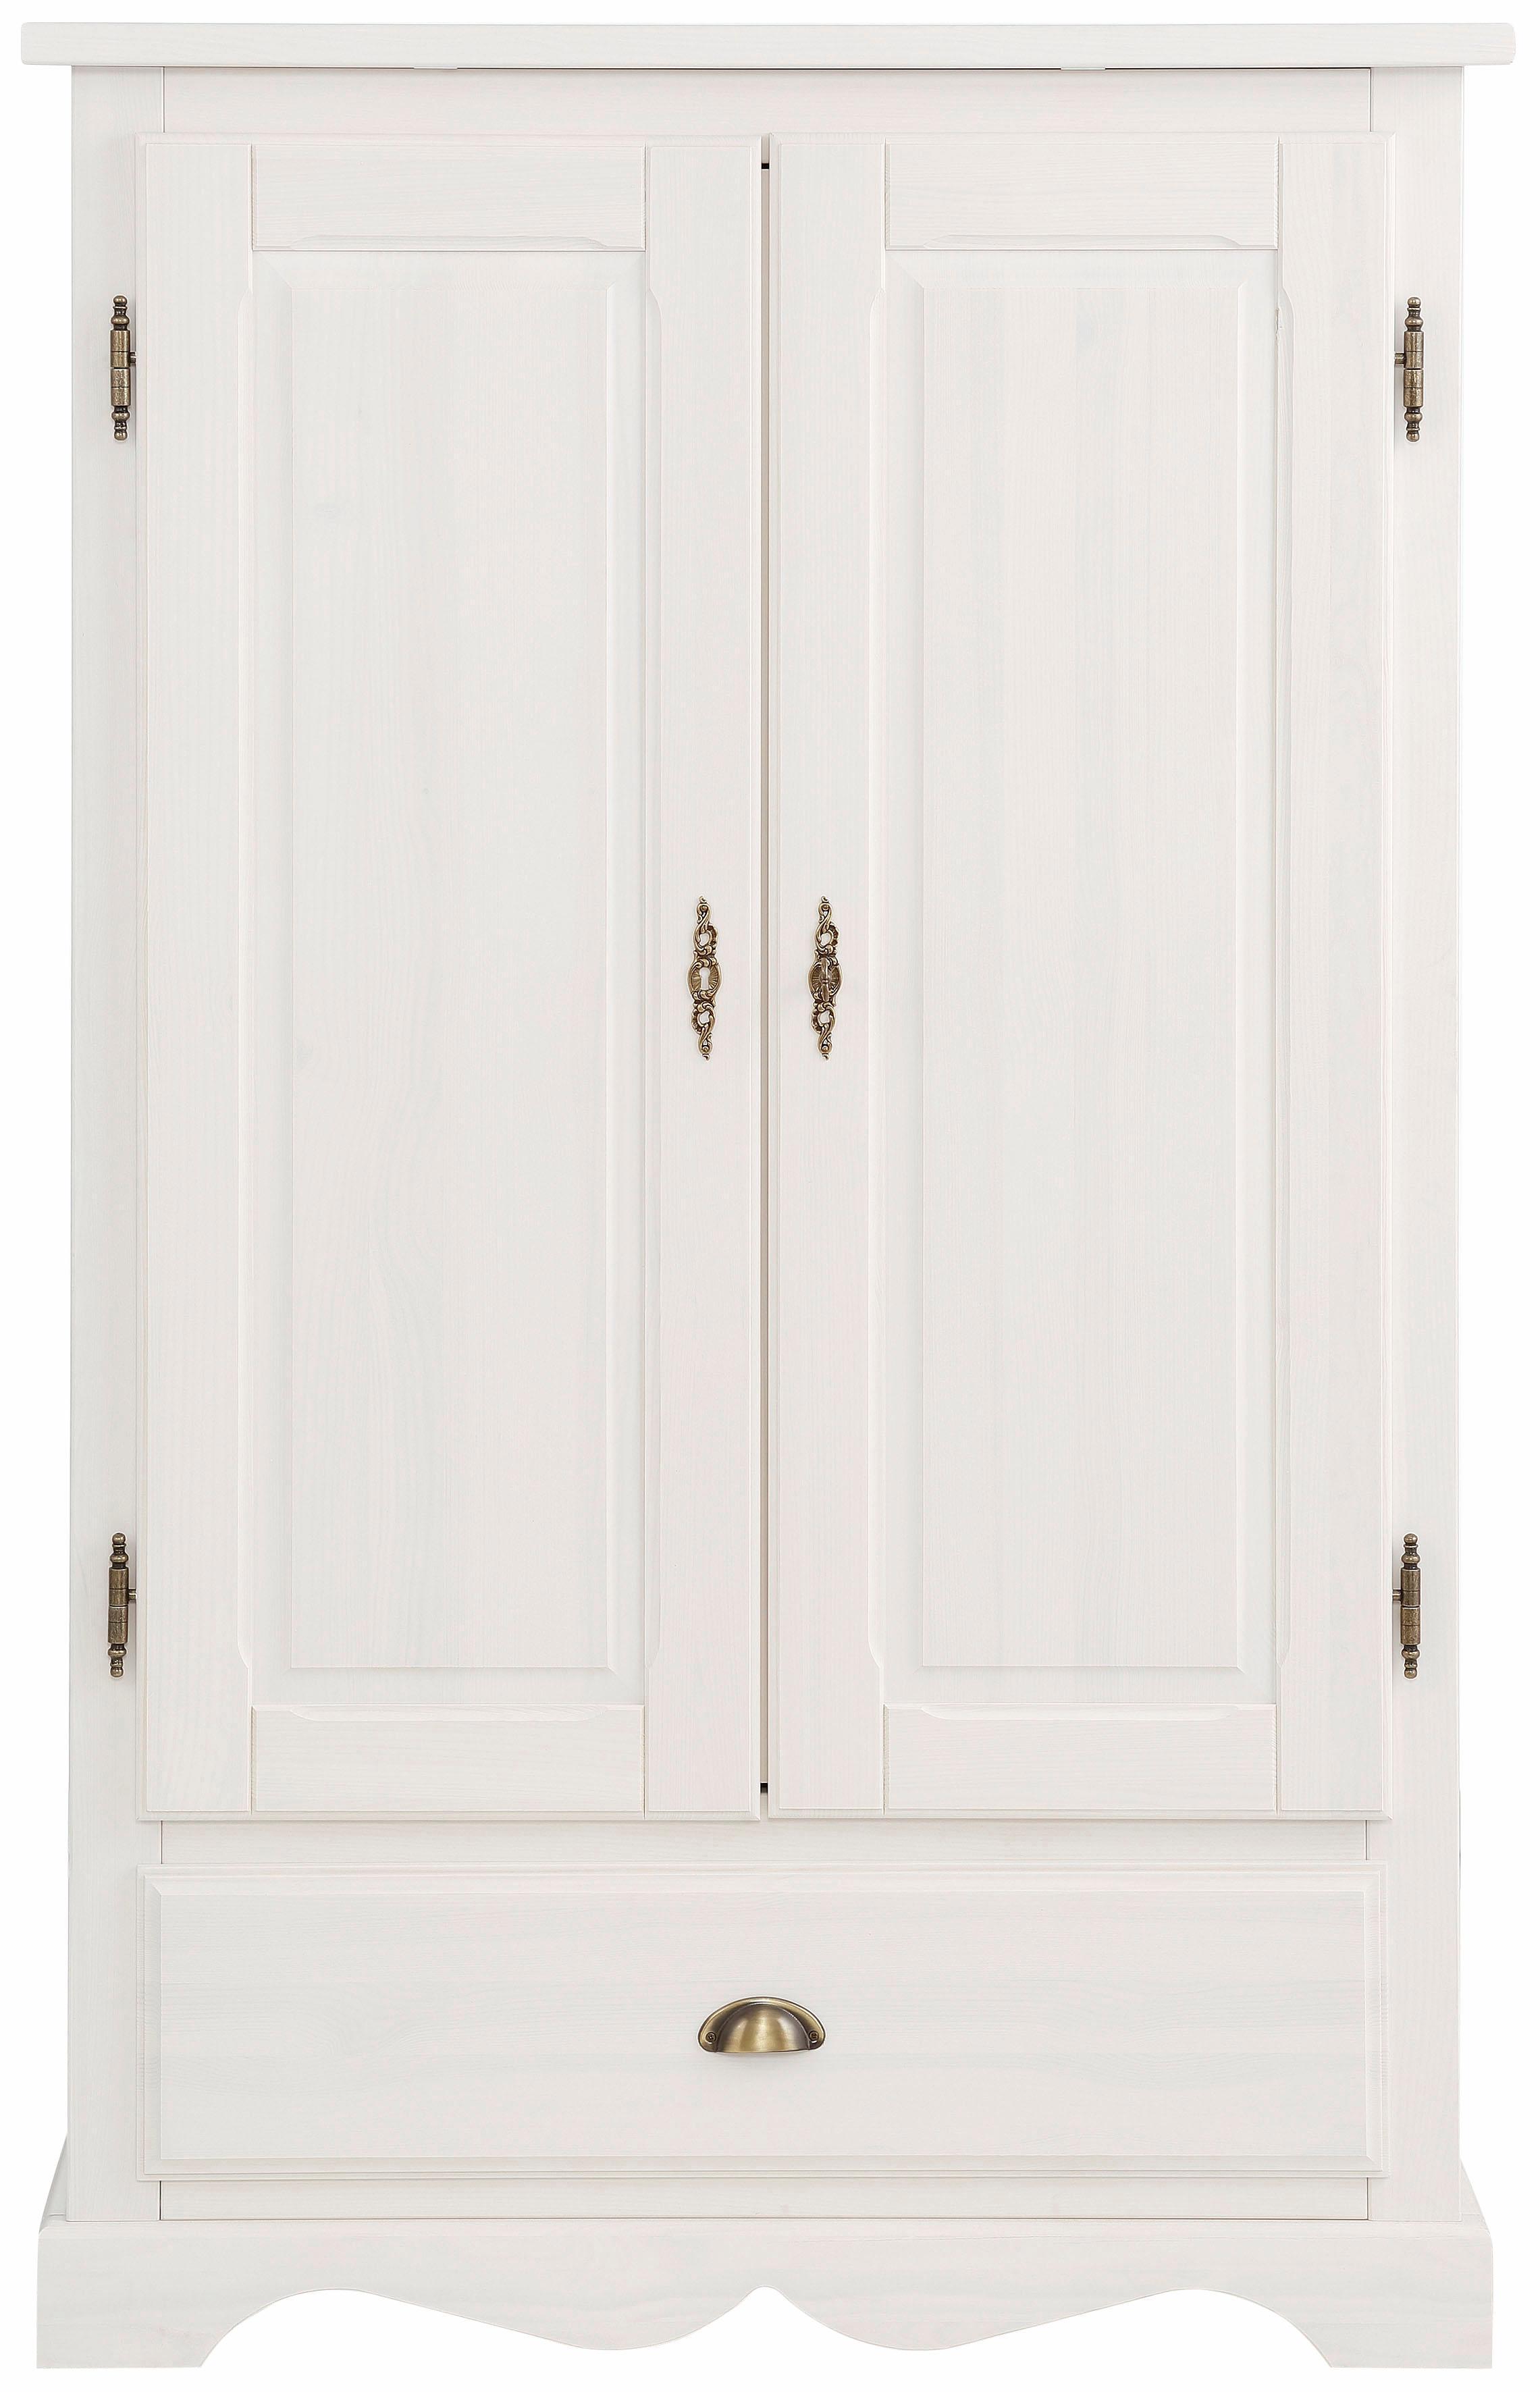 Home affaire Wäscheschrank Teo 2trg mit 1 Schublade und 2 Einlegeböden Breite 95 cm